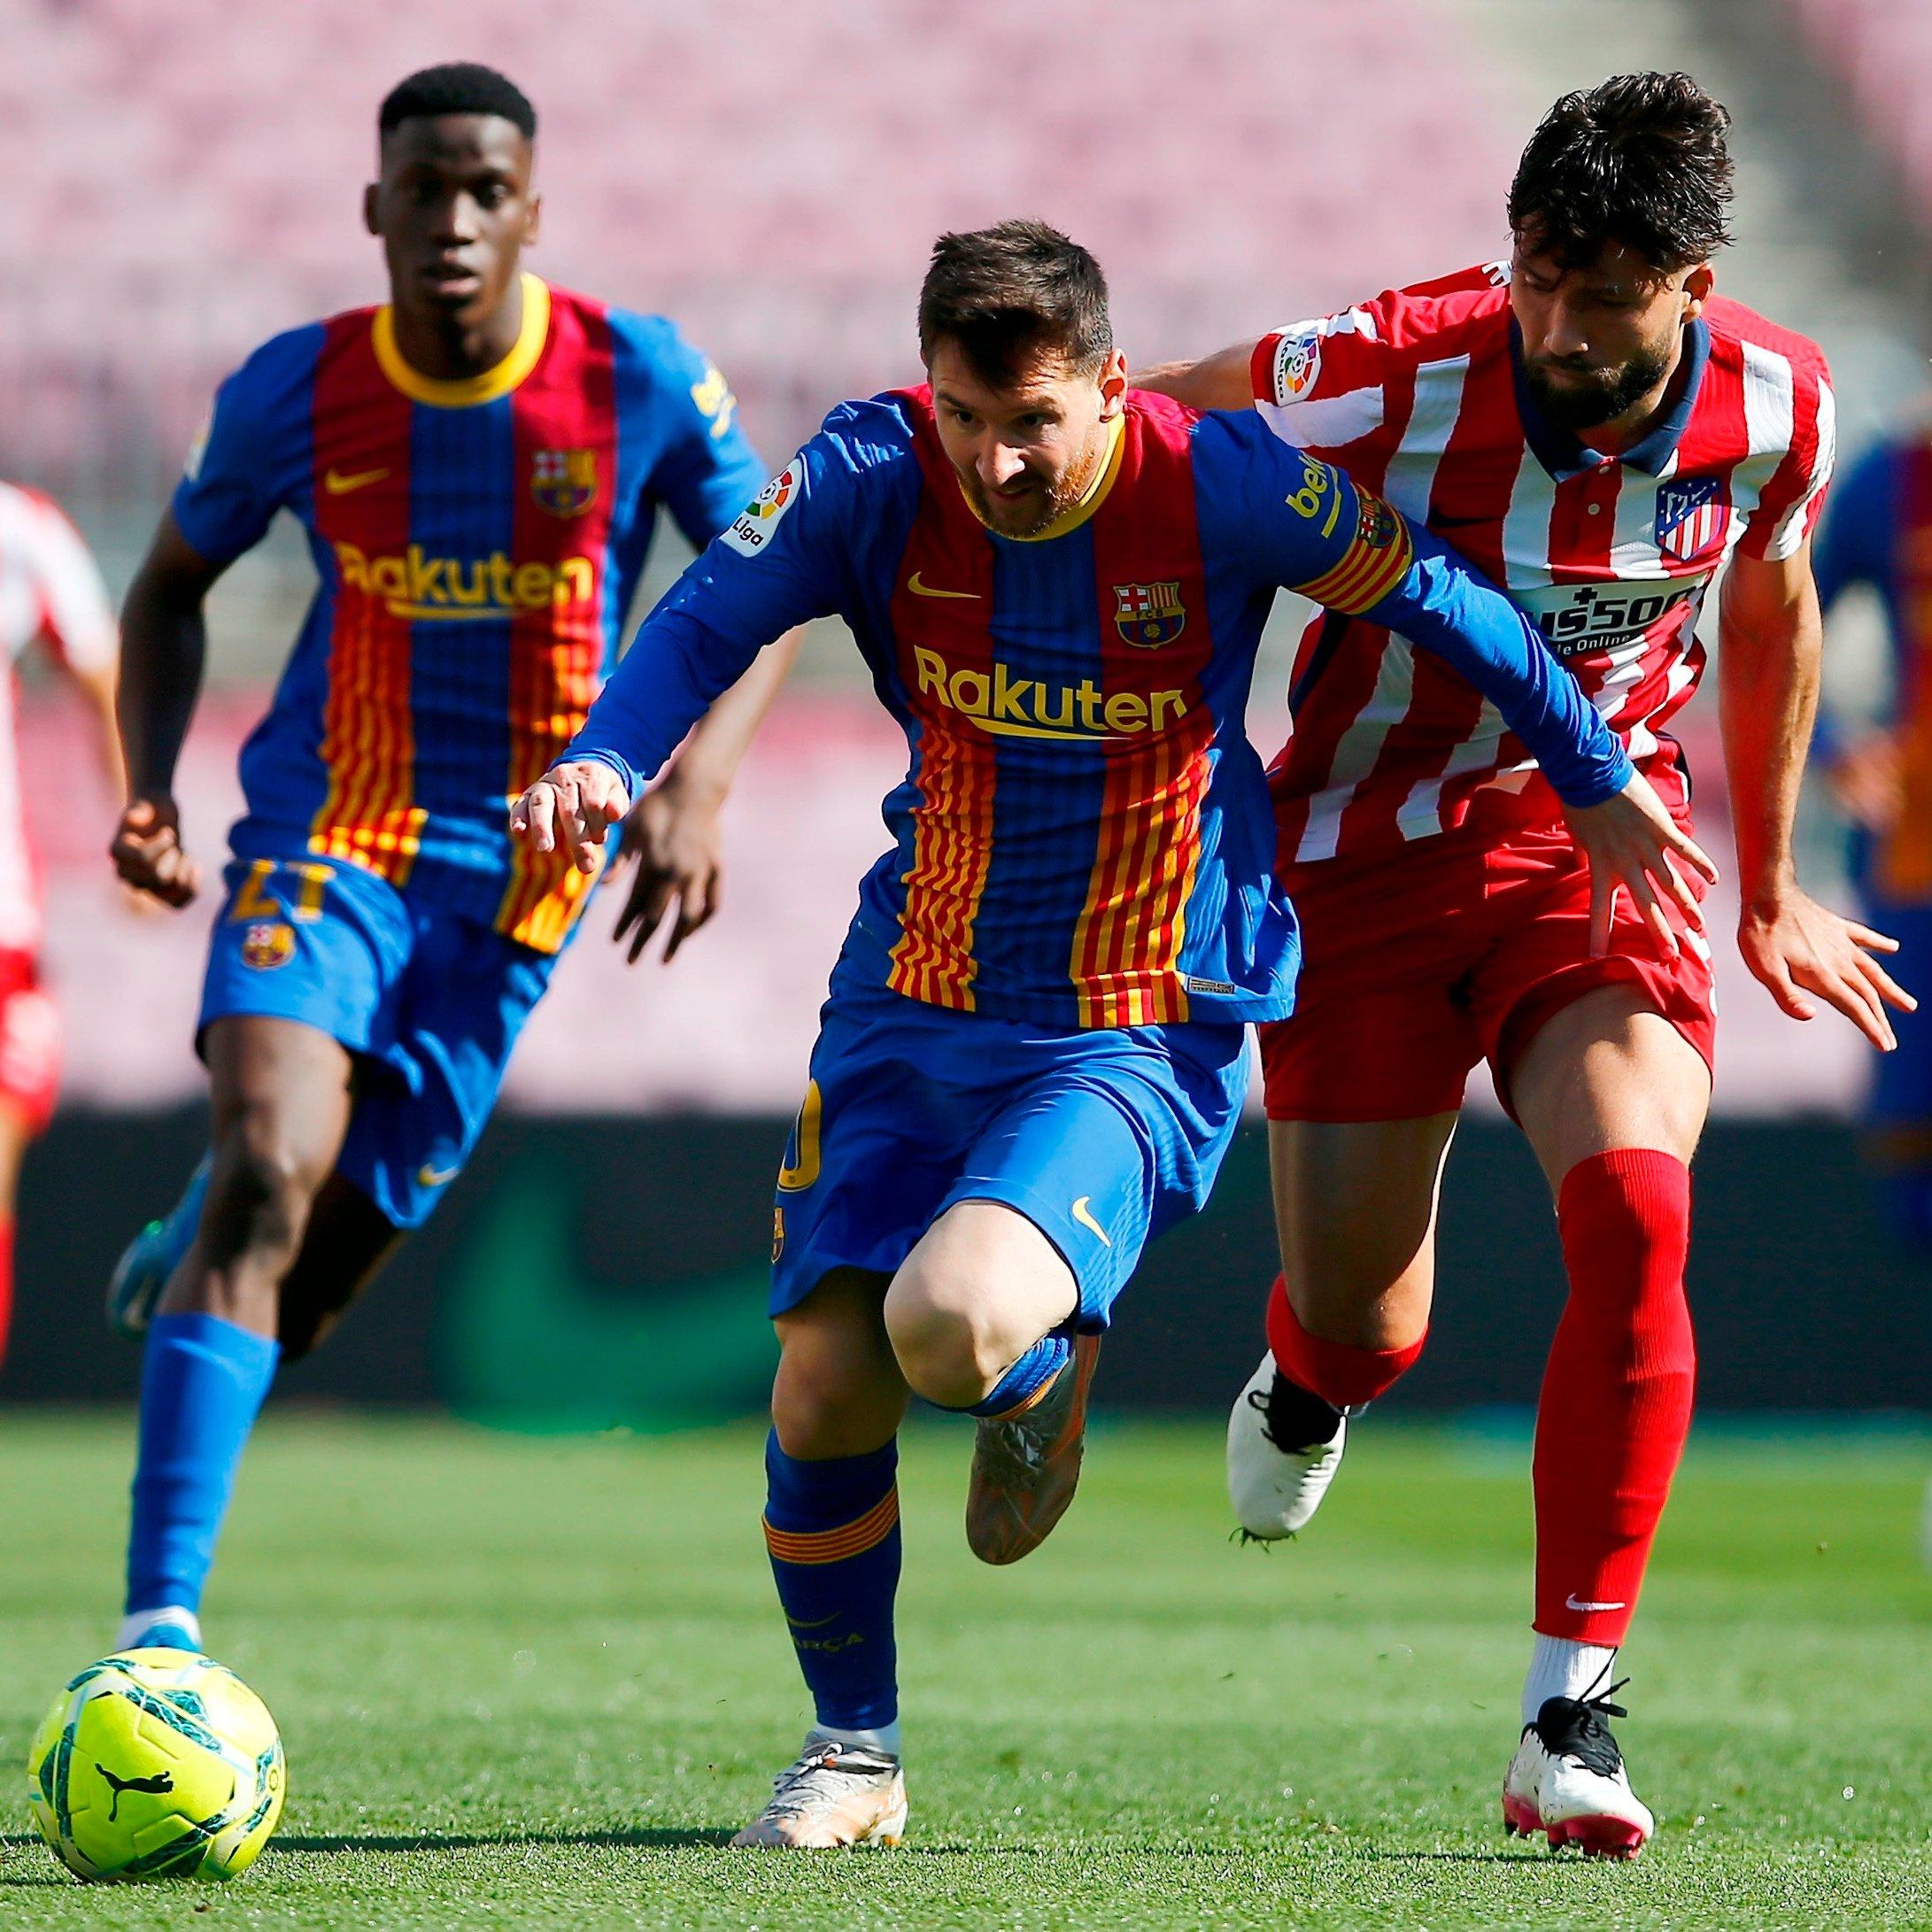 برشلونة ضد أتلتيكو مدريد (1)